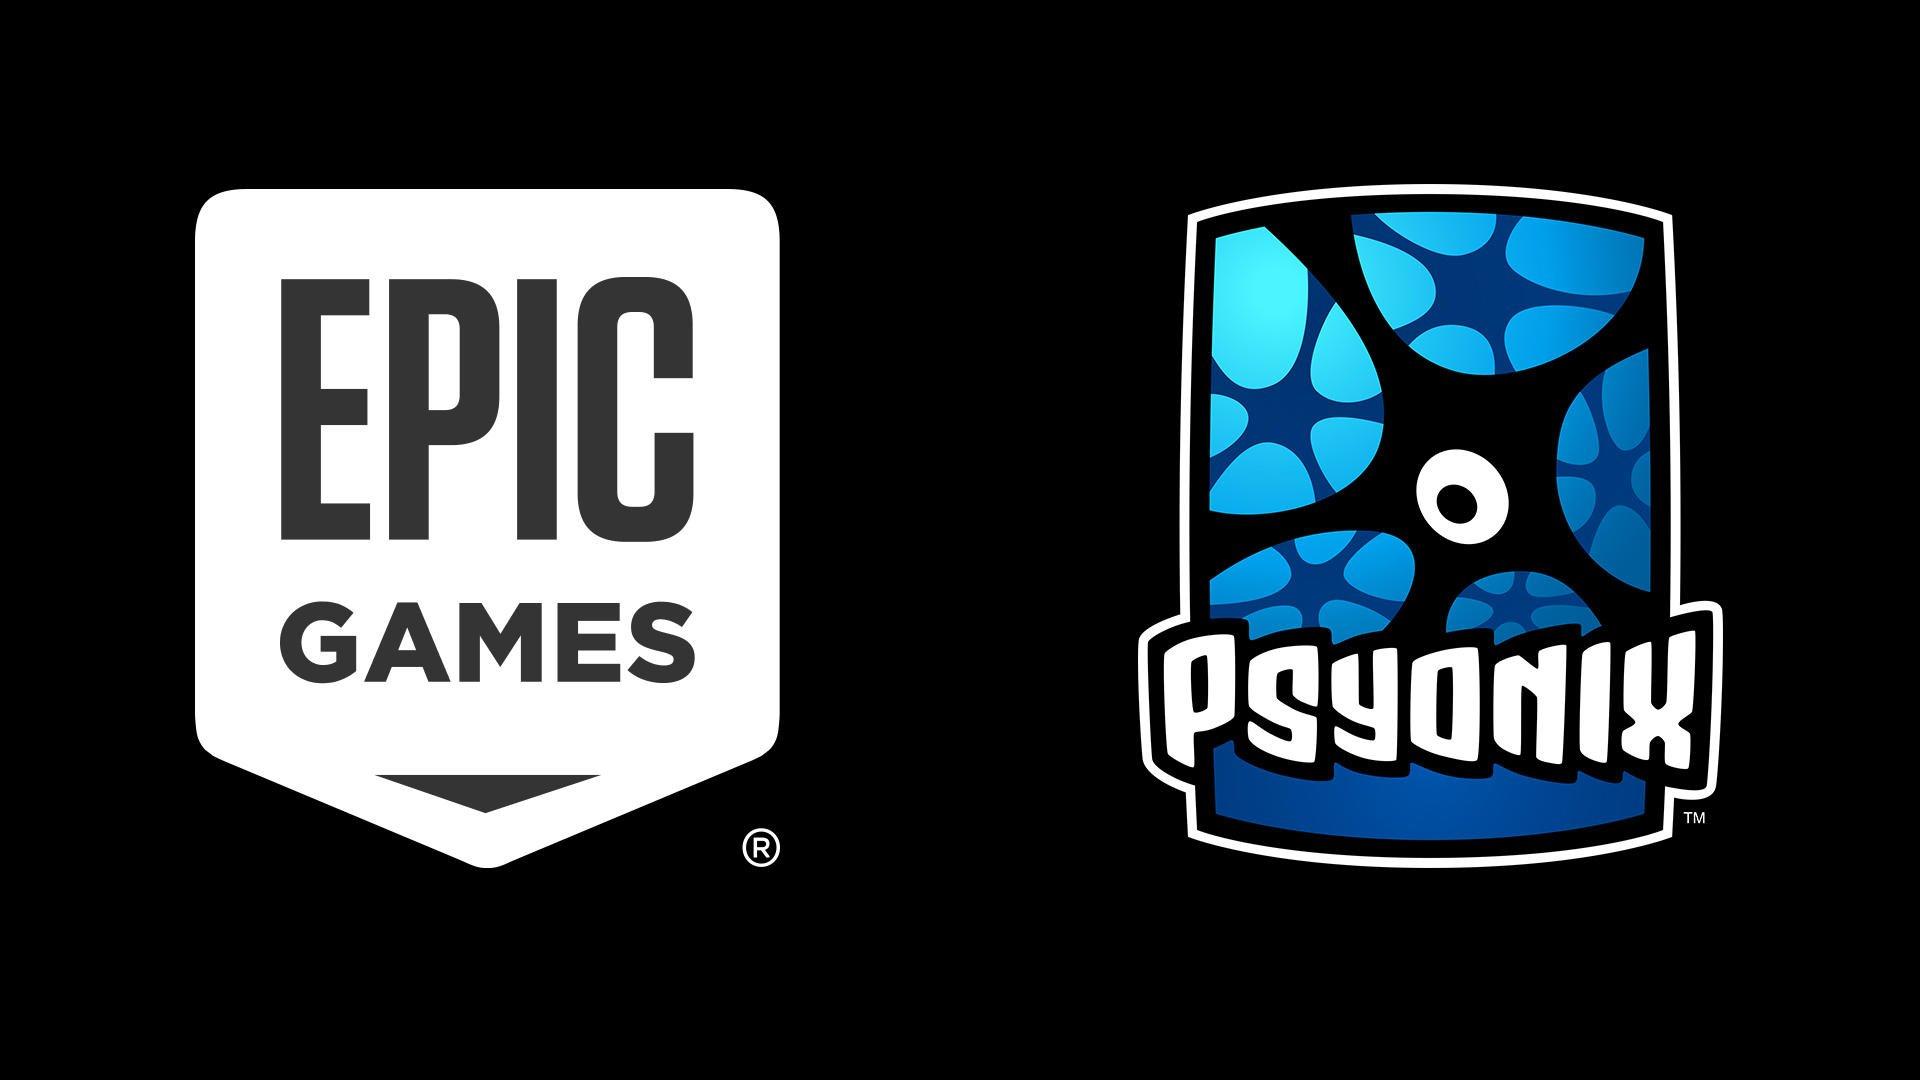 """Epic Games wykupiło studio Psyonix. Co to zmienia dla graczy """"Rocket League""""?"""